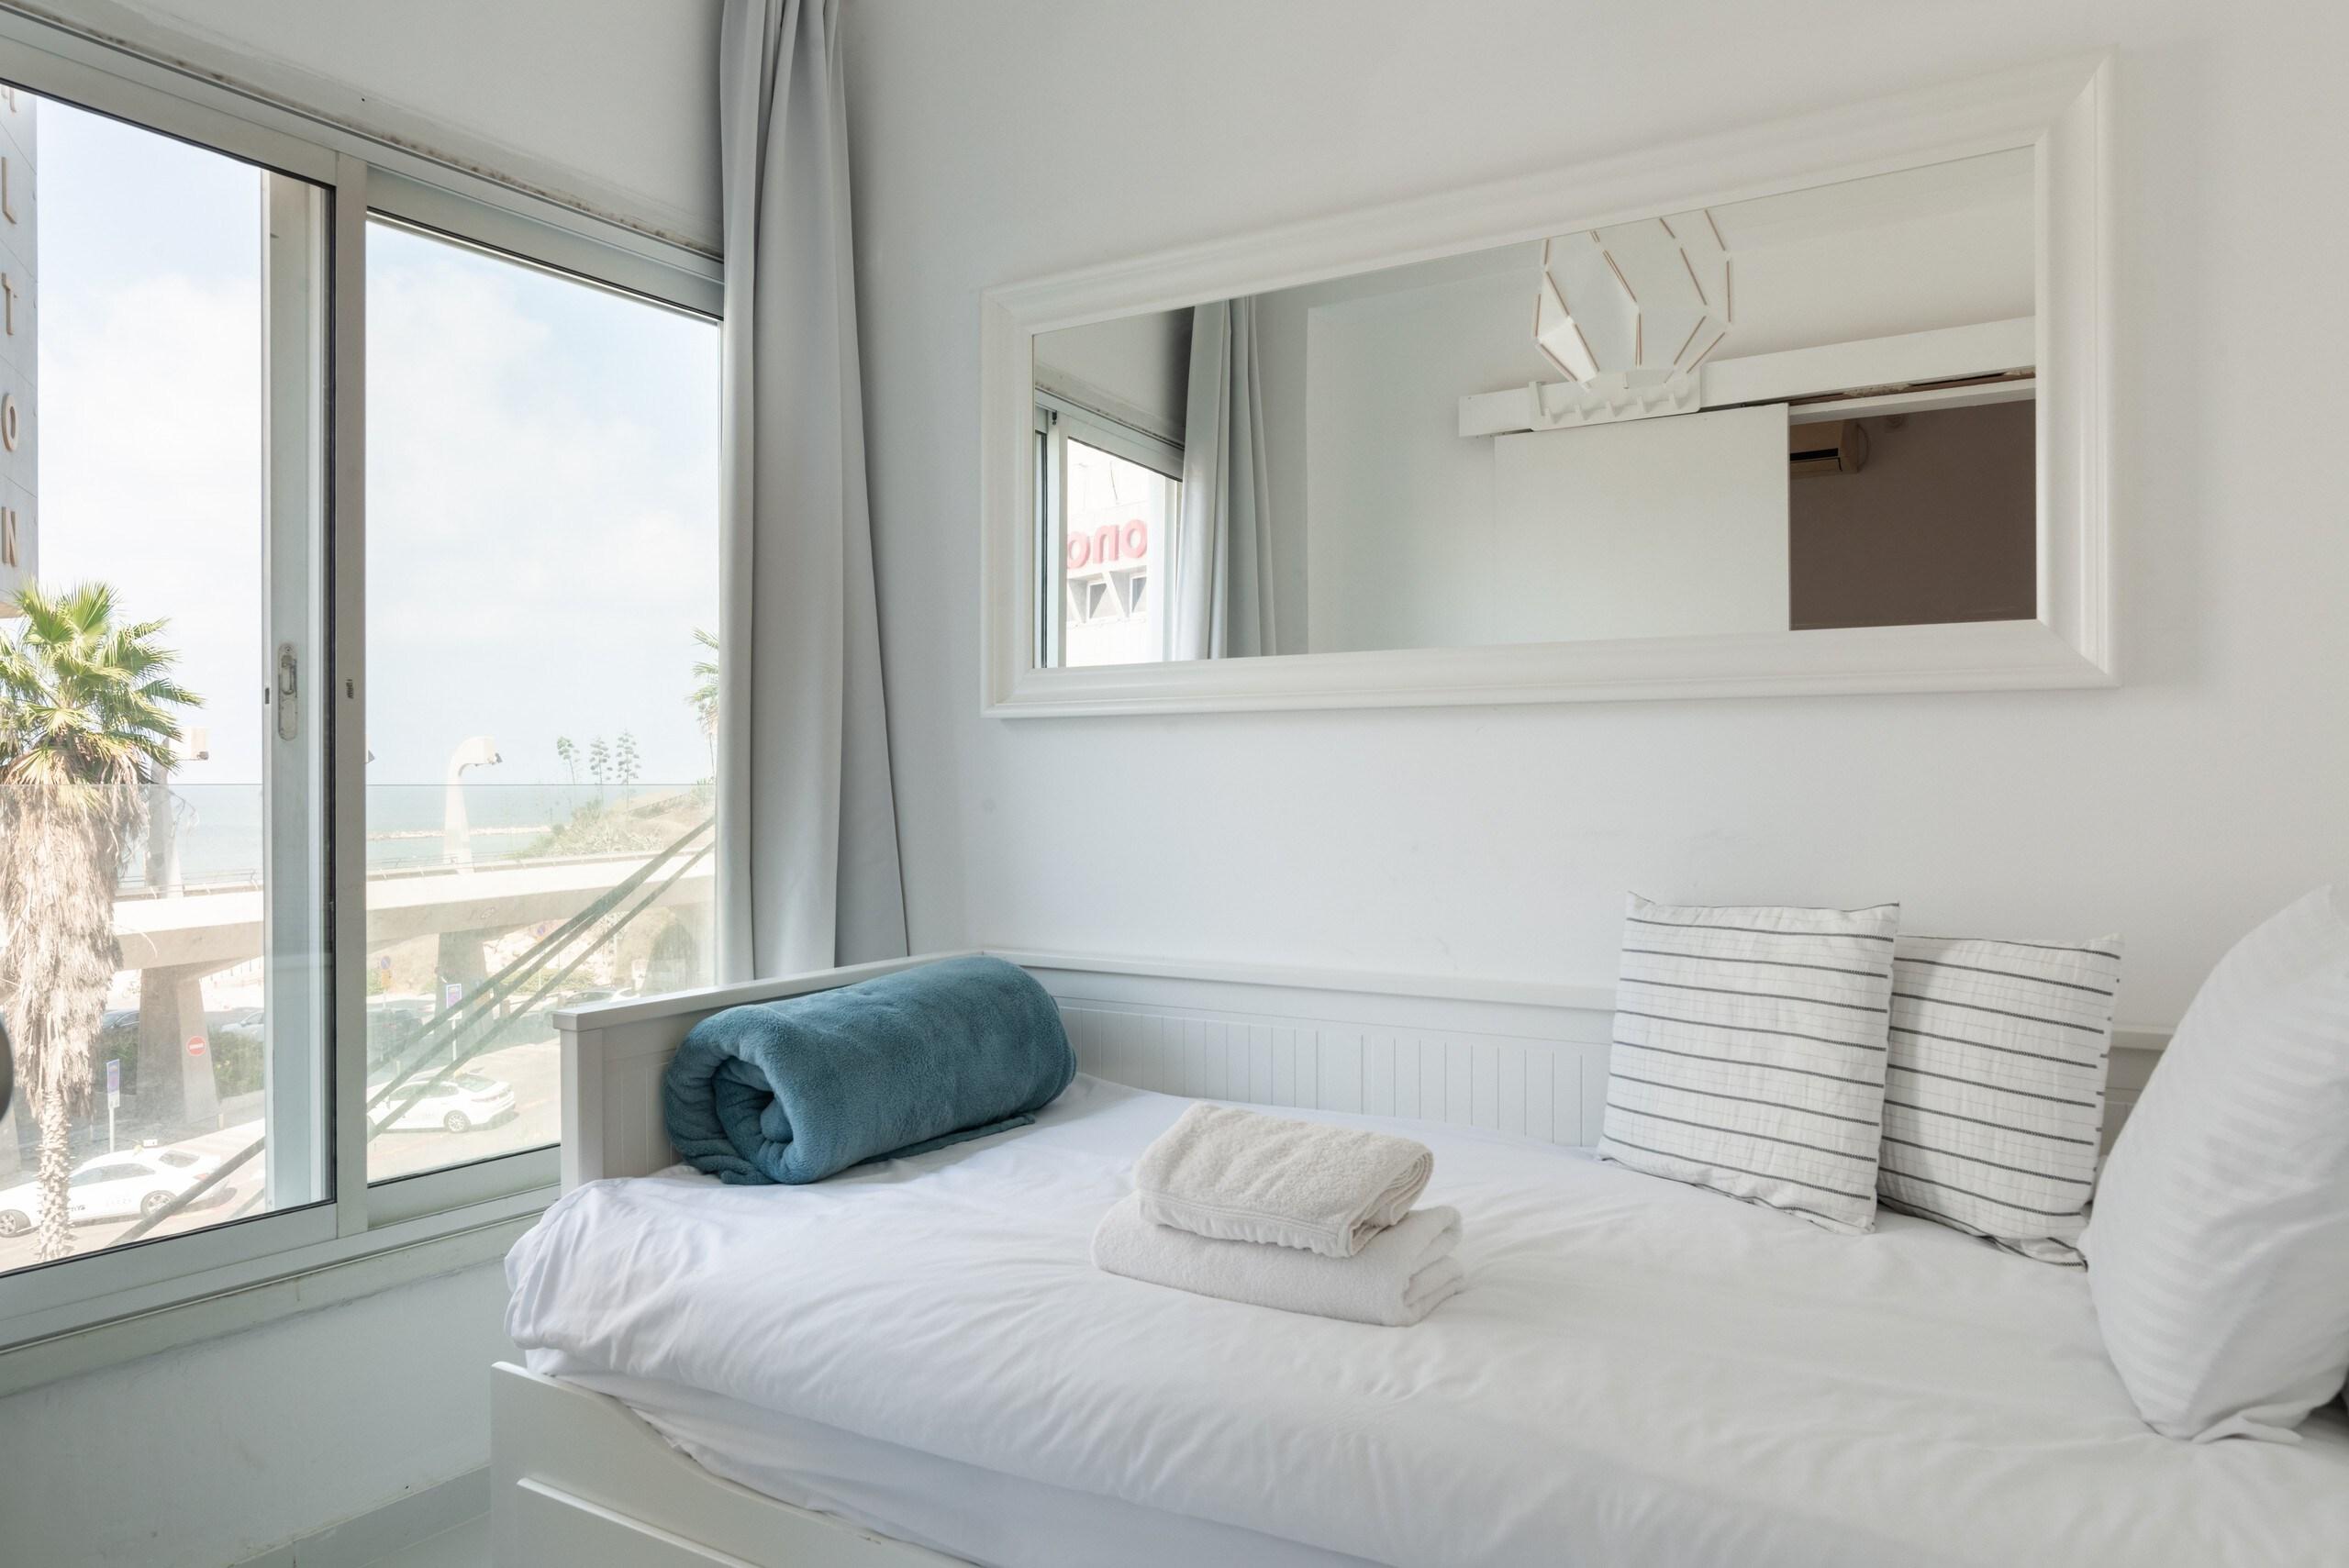 Sea View 2 bedroom apartment next to Hilton beach photo 21105491